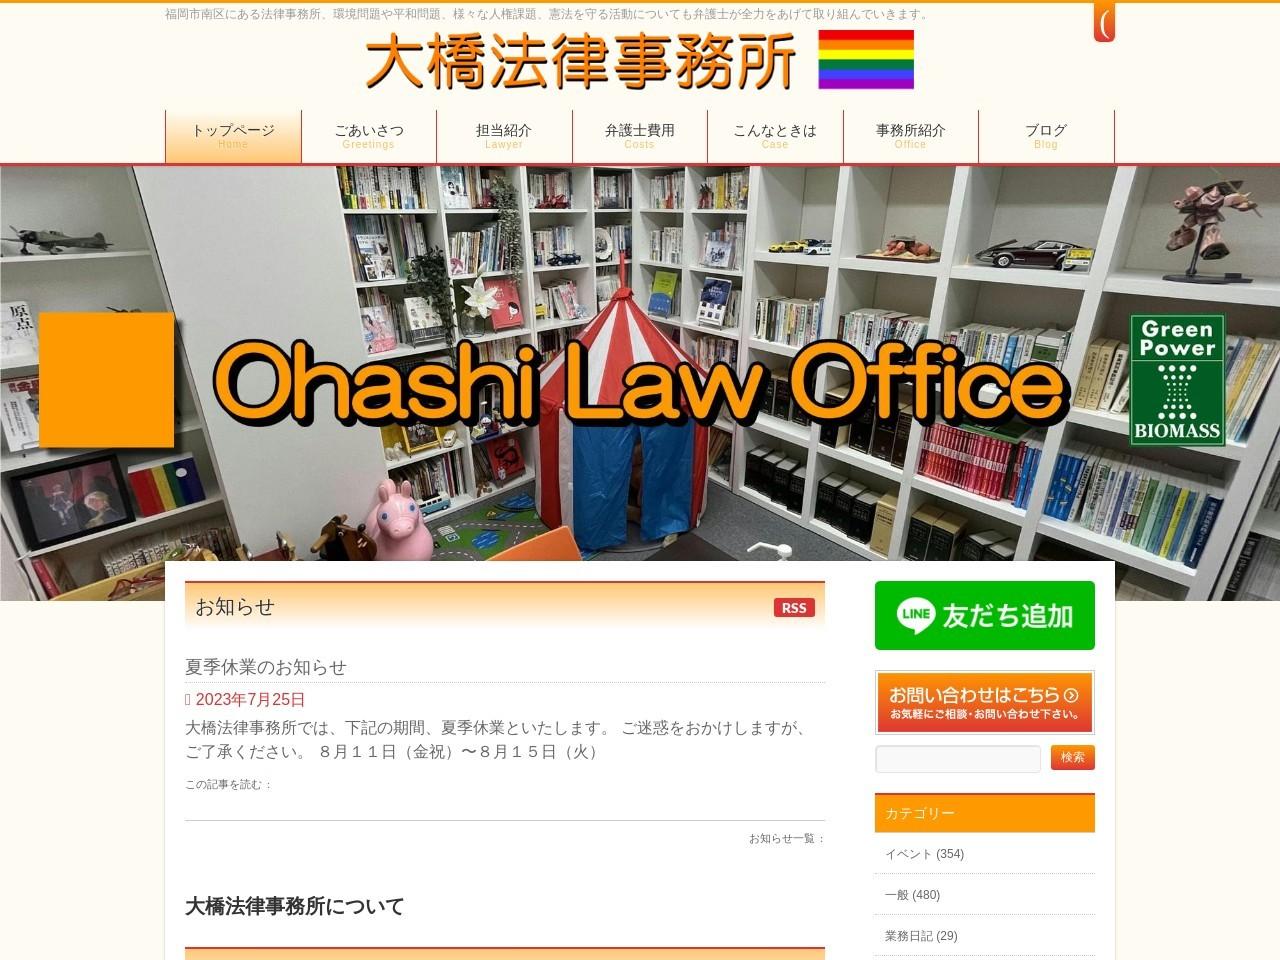 大橋法律事務所